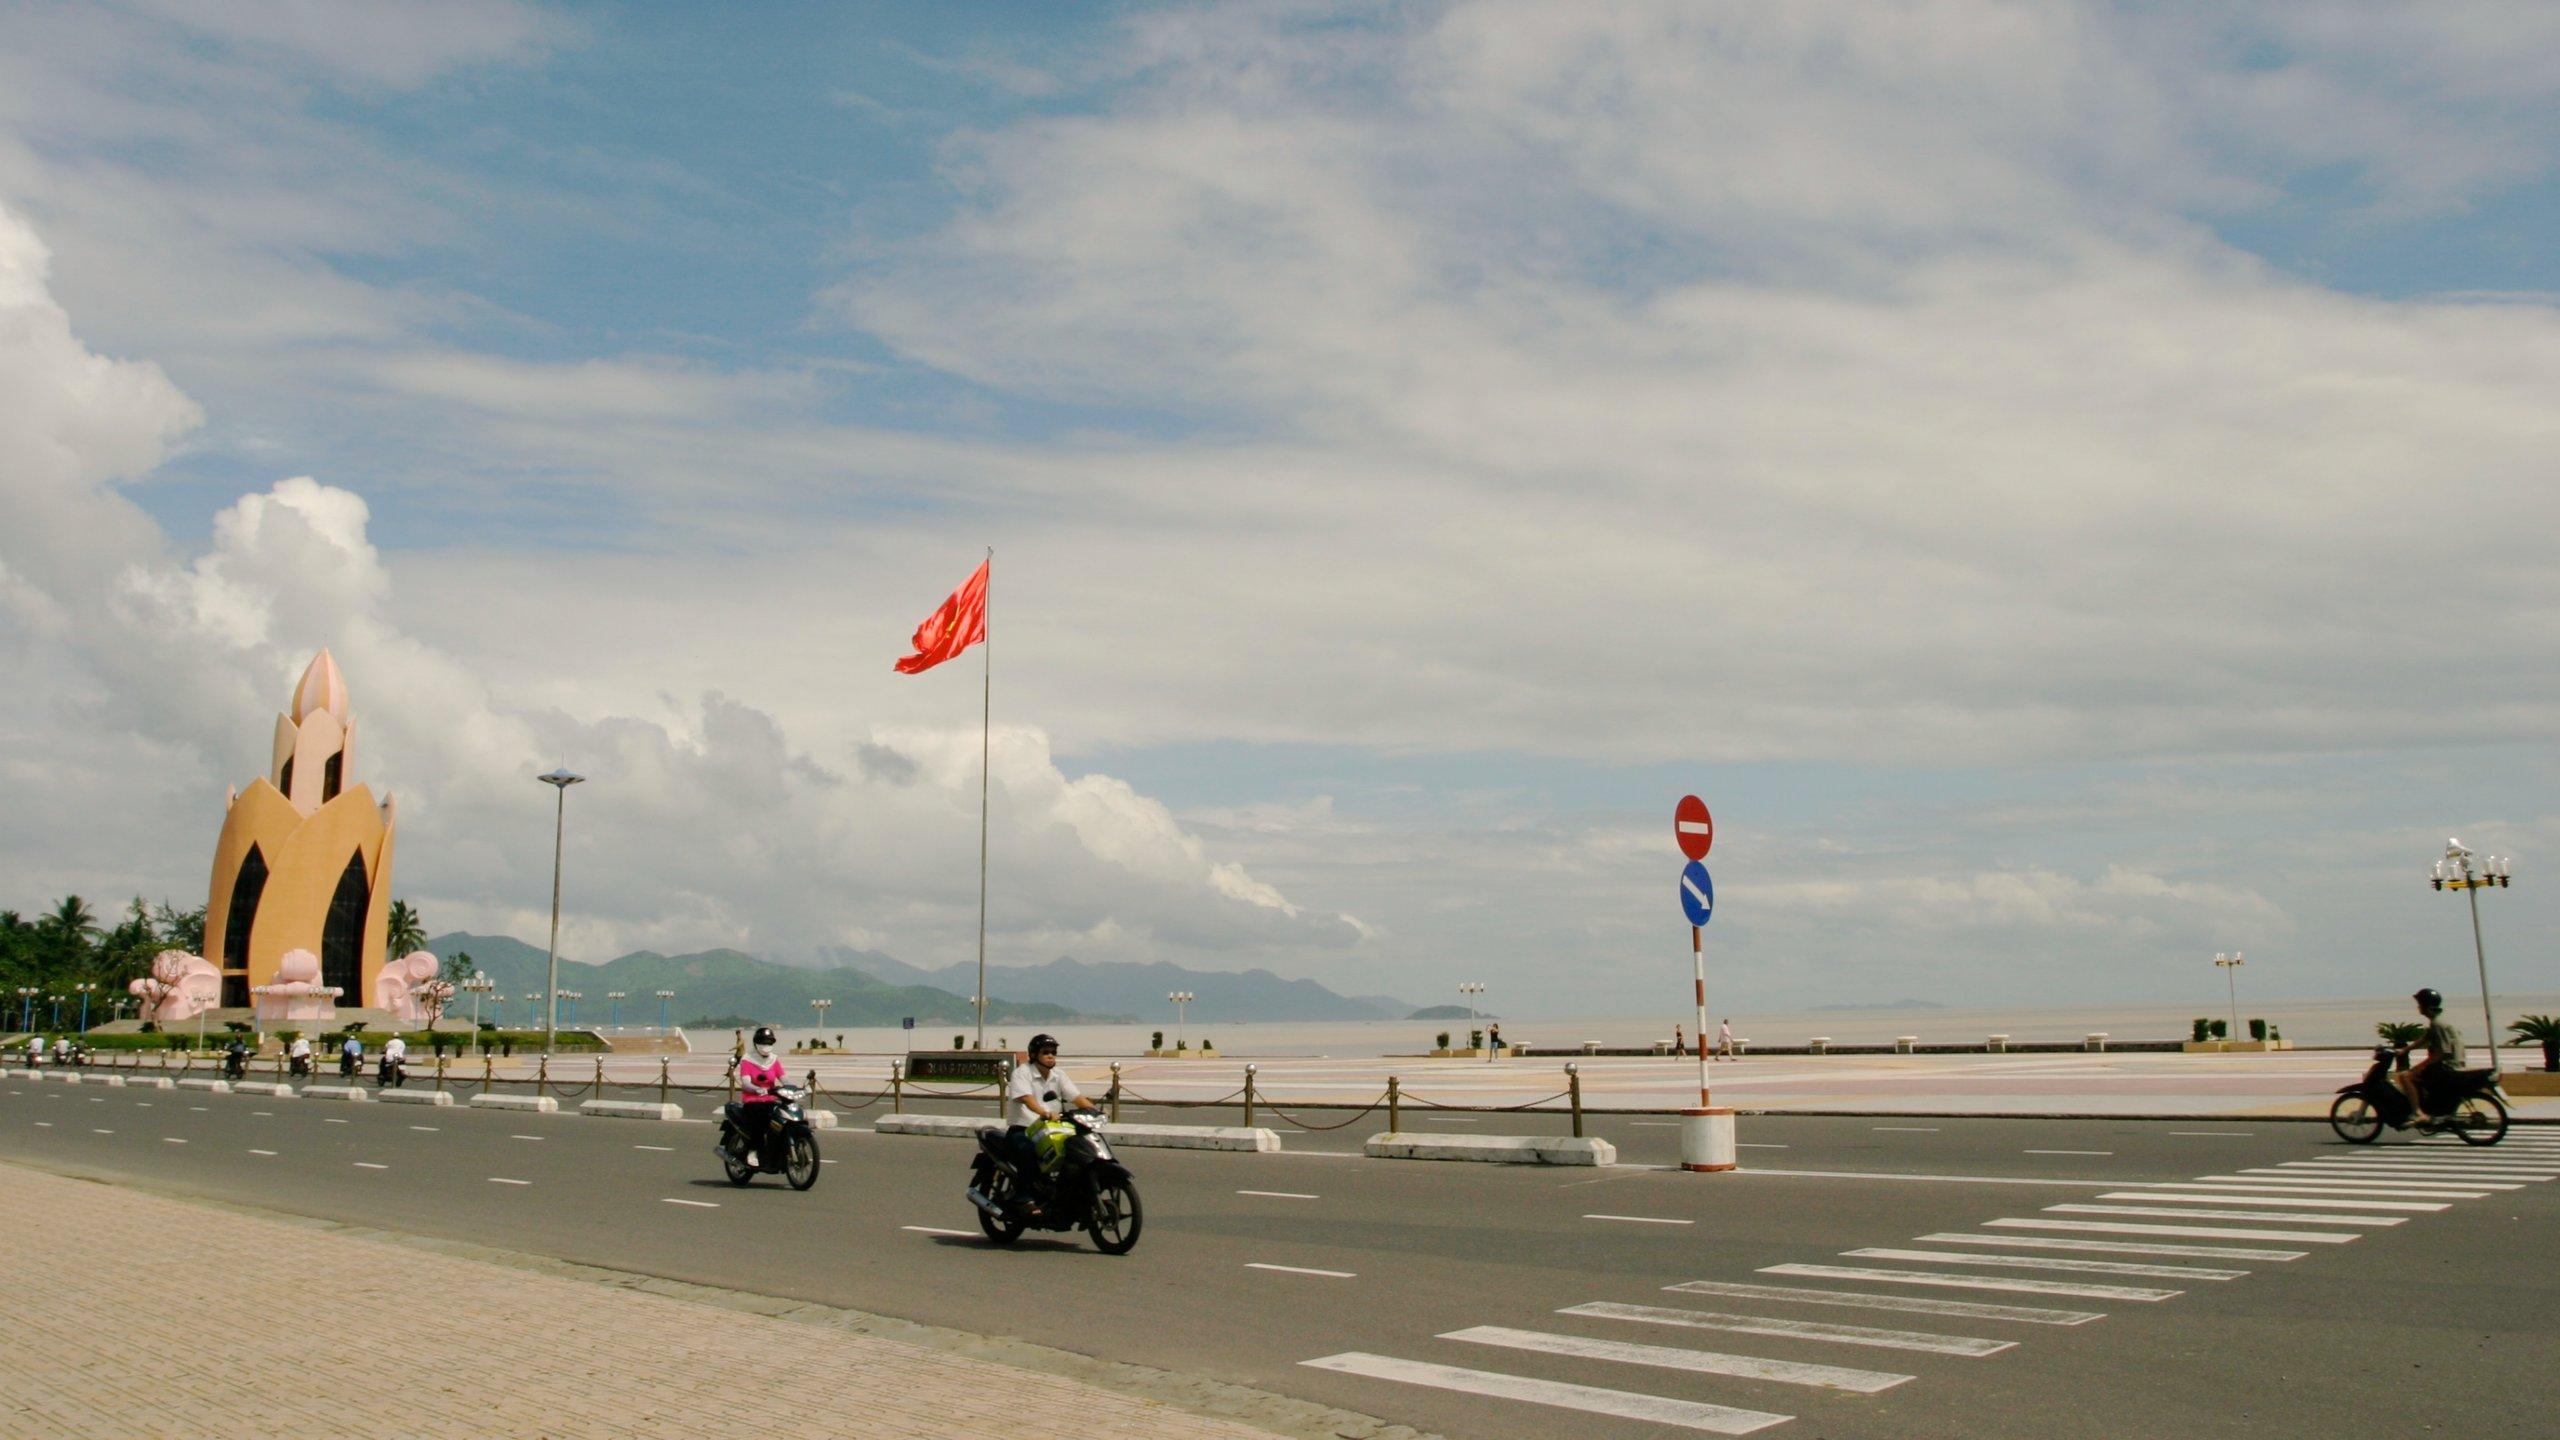 Nha Trang, Khanh Hoa Province, Vietnam